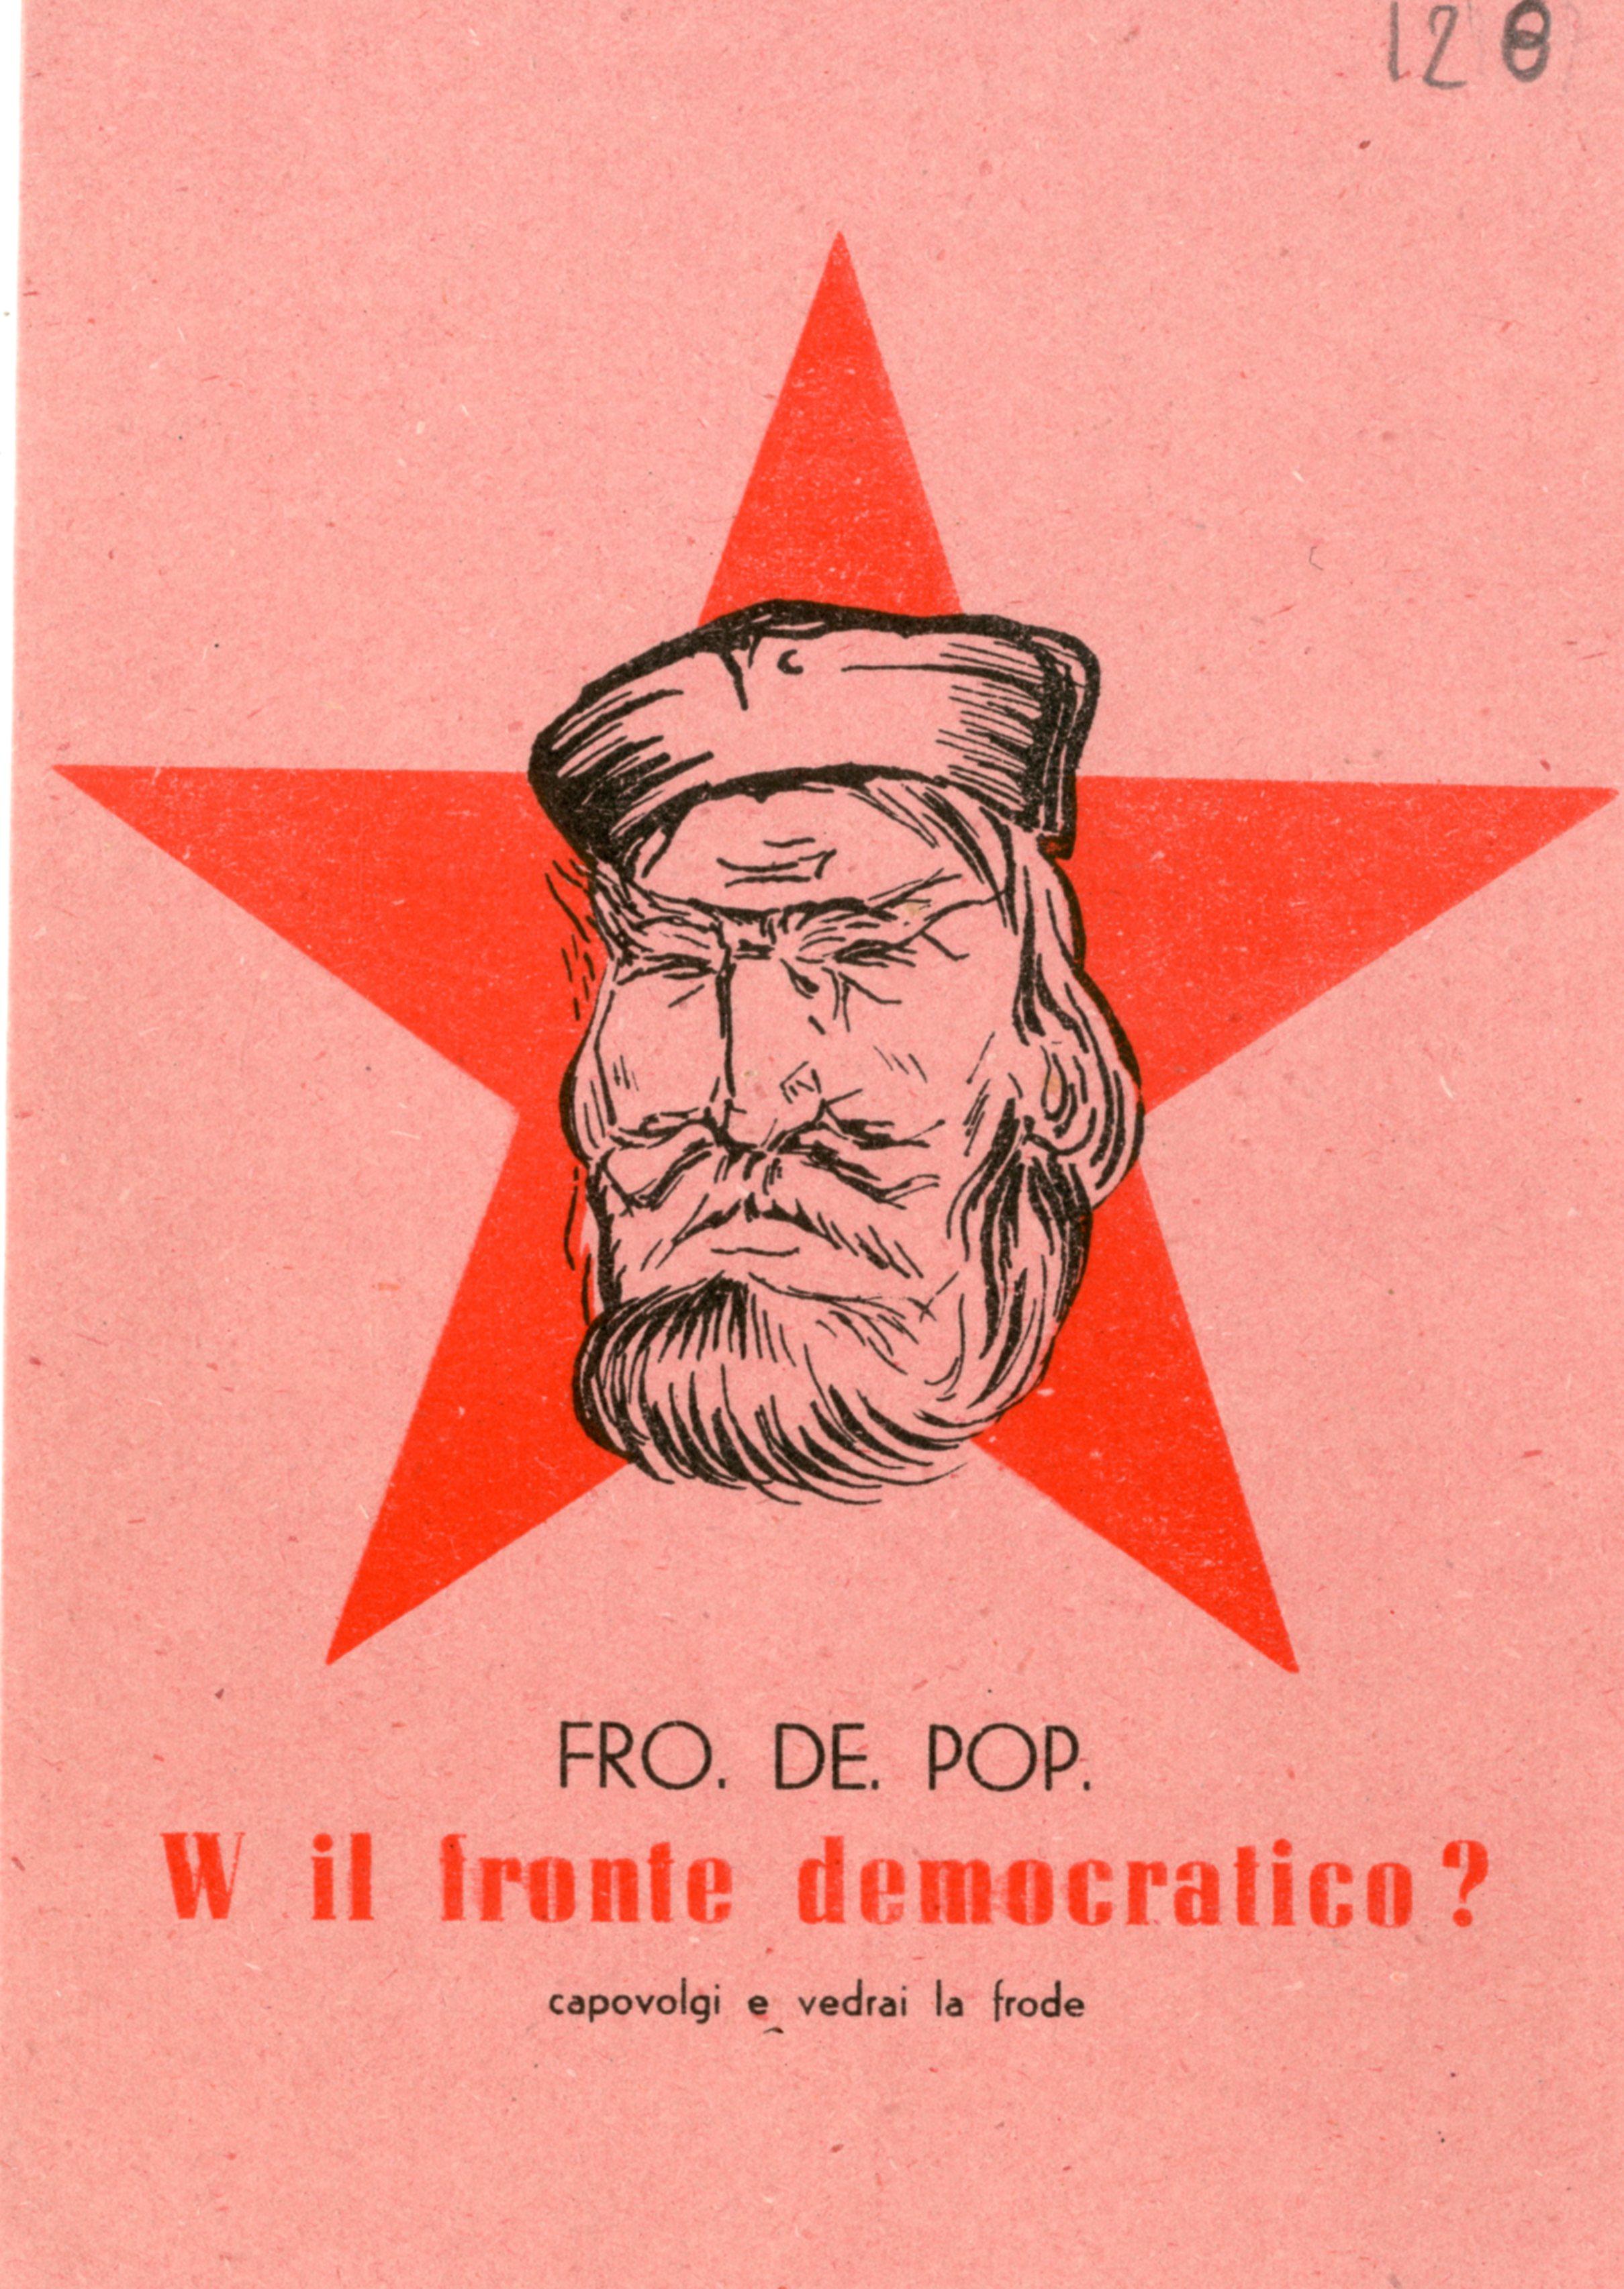 """18 aprile 1948. I Comitati civici si propongono di """"smascherare"""" i comunisti, accusati di nascondere Stalin dietro l'effigie di Garibaldi."""